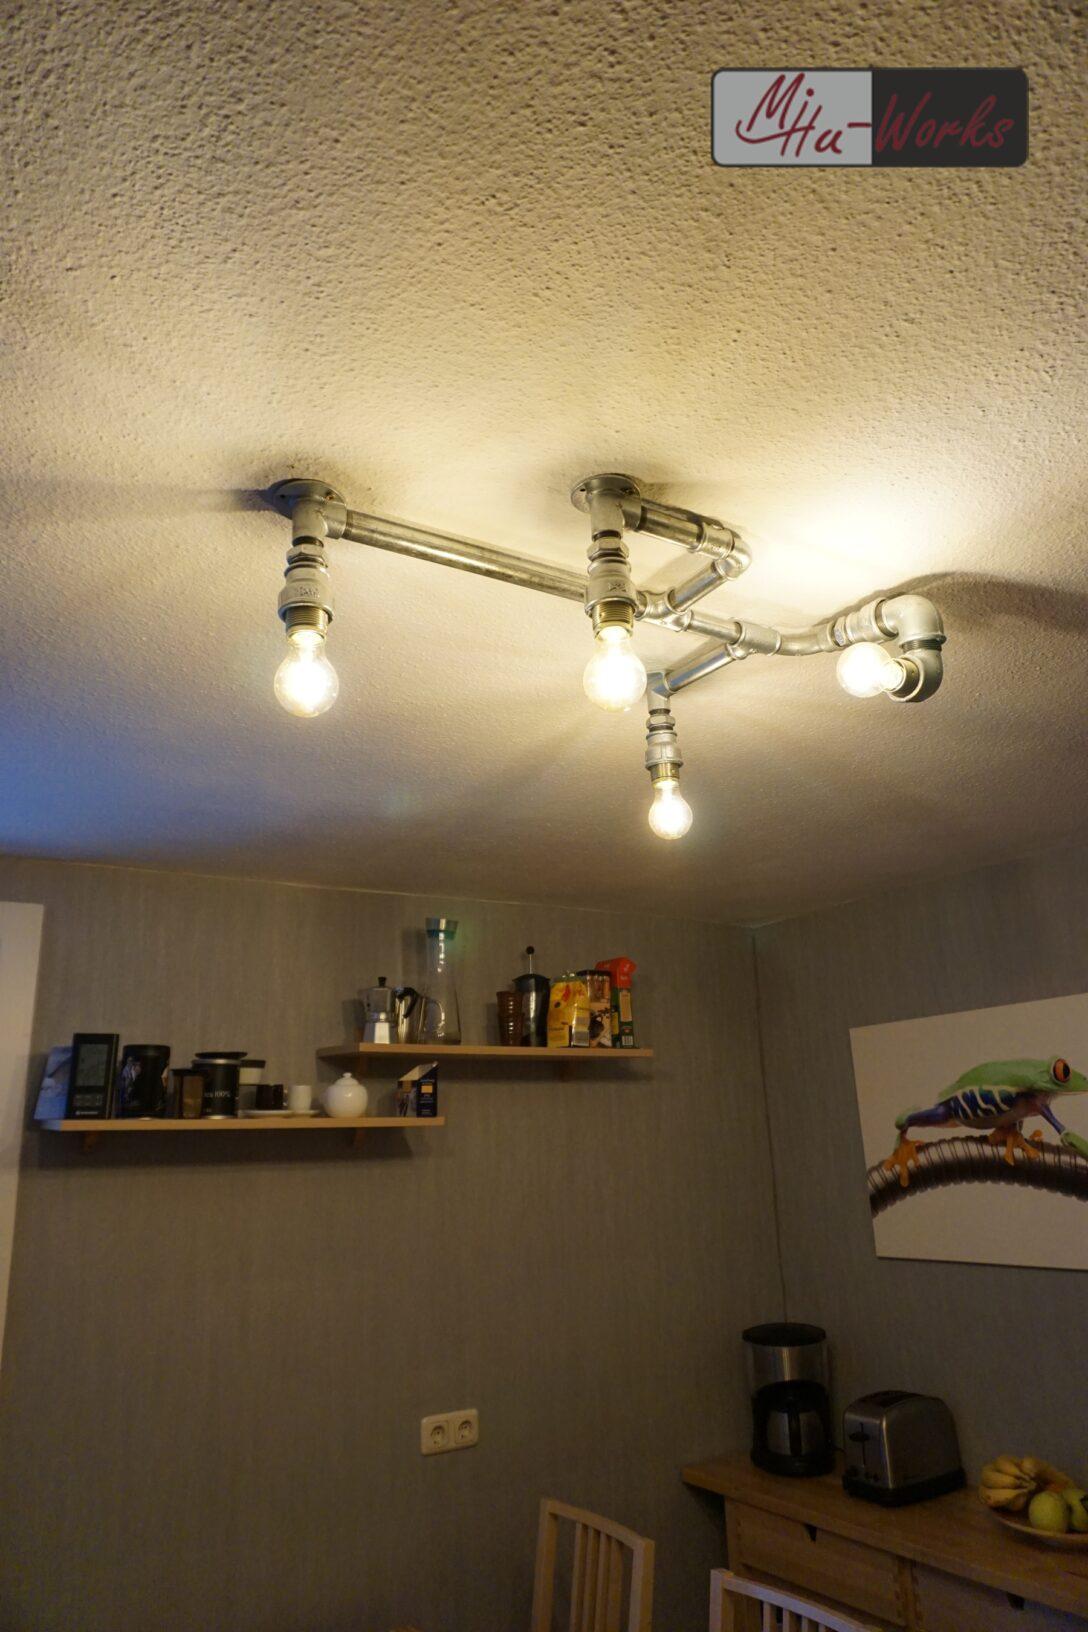 Large Size of Design Deckenlampe Aus Rohren Industrial Lighting Mihu Deckenlampen Wohnzimmer Modern Für Schlafzimmer Küche Bad Esstisch Wohnzimmer Deckenlampe Industrial